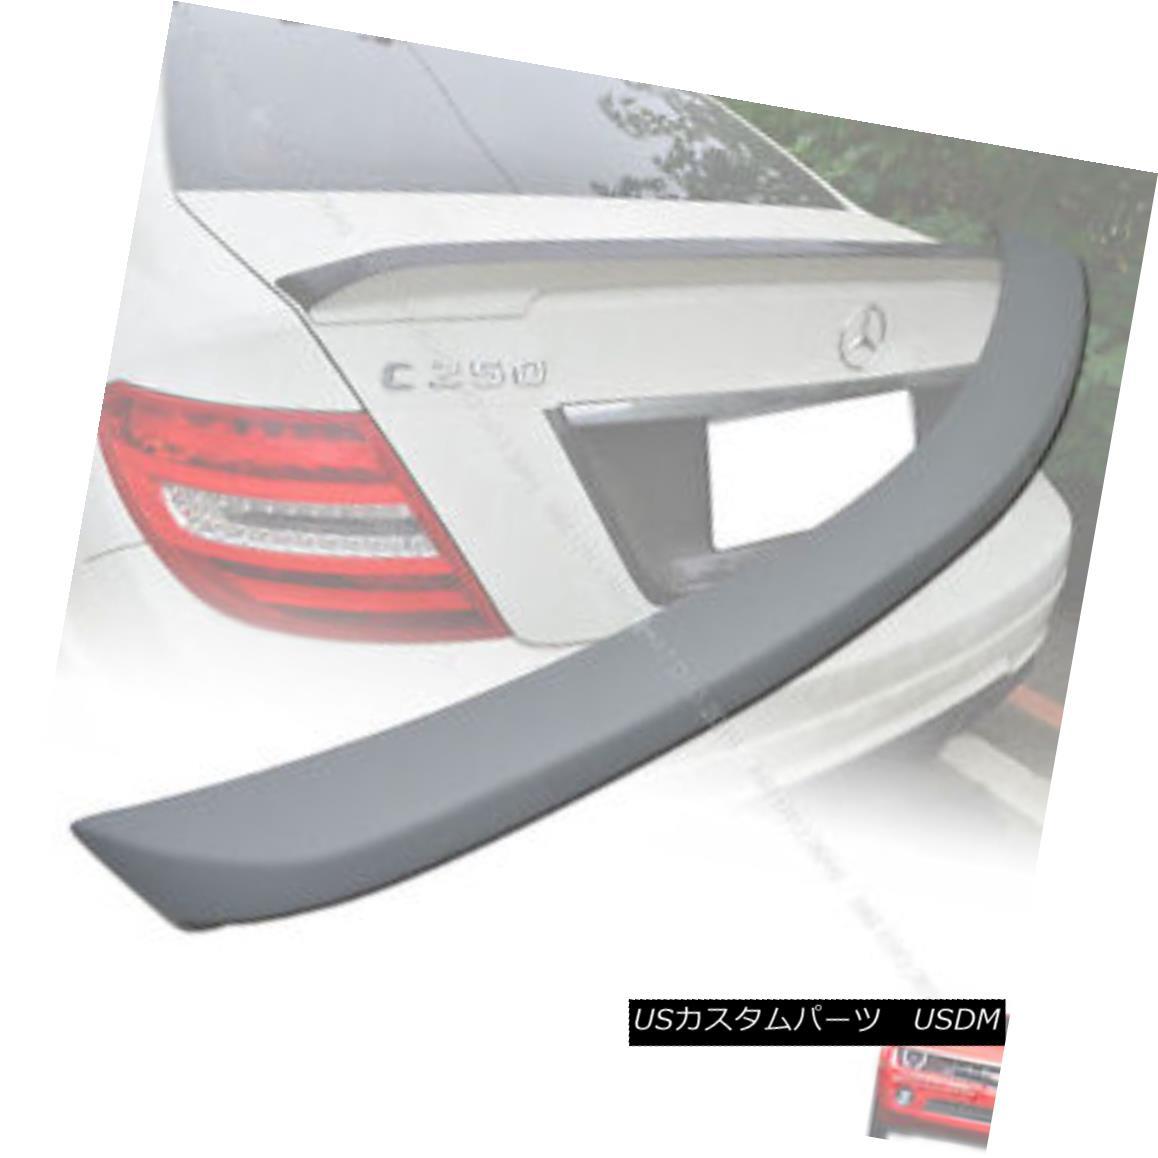 エアロパーツ Mercedes Benz W204 C-class DTO-Type Saloon Trunk Boot Spoiler 2008-2013 メルセデスベンツW204 CクラスDTO型サルーントランクブートスポイラー2008-2013